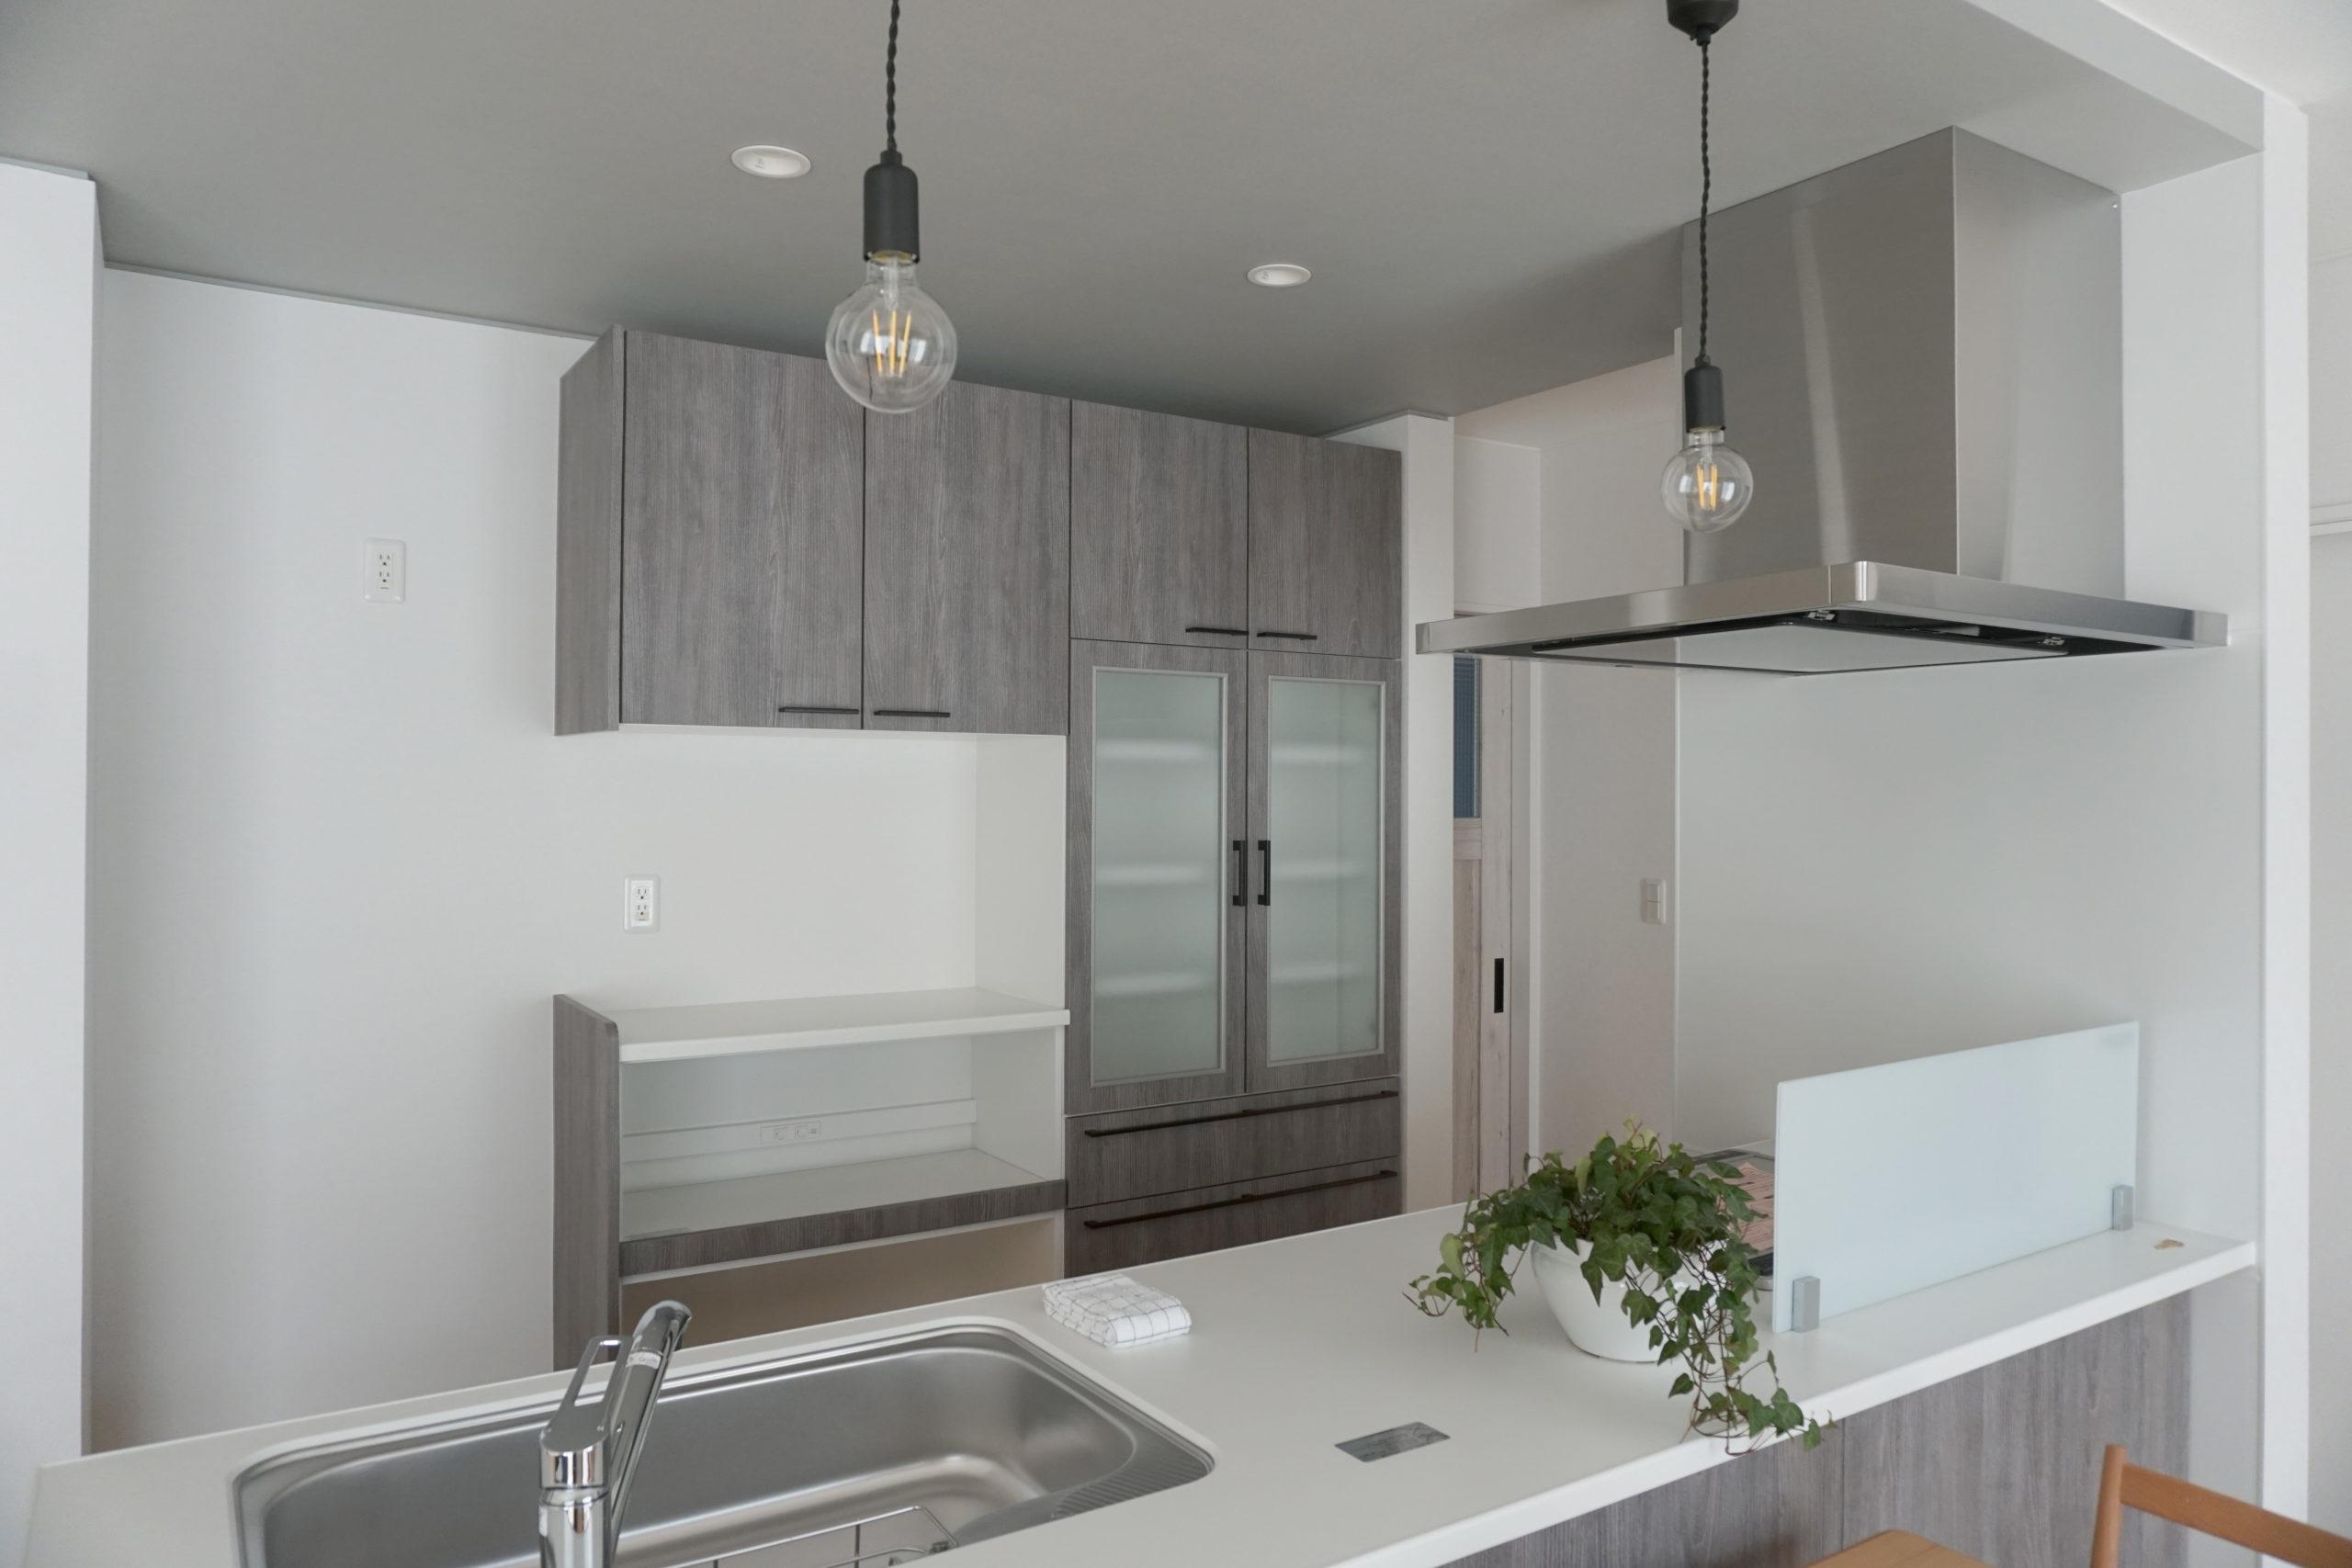 福山市の注文住宅|今井住建の施工事例ギャラリー「タカラスタンダードのキッチンはデザインだけじゃない、汚れに強い」